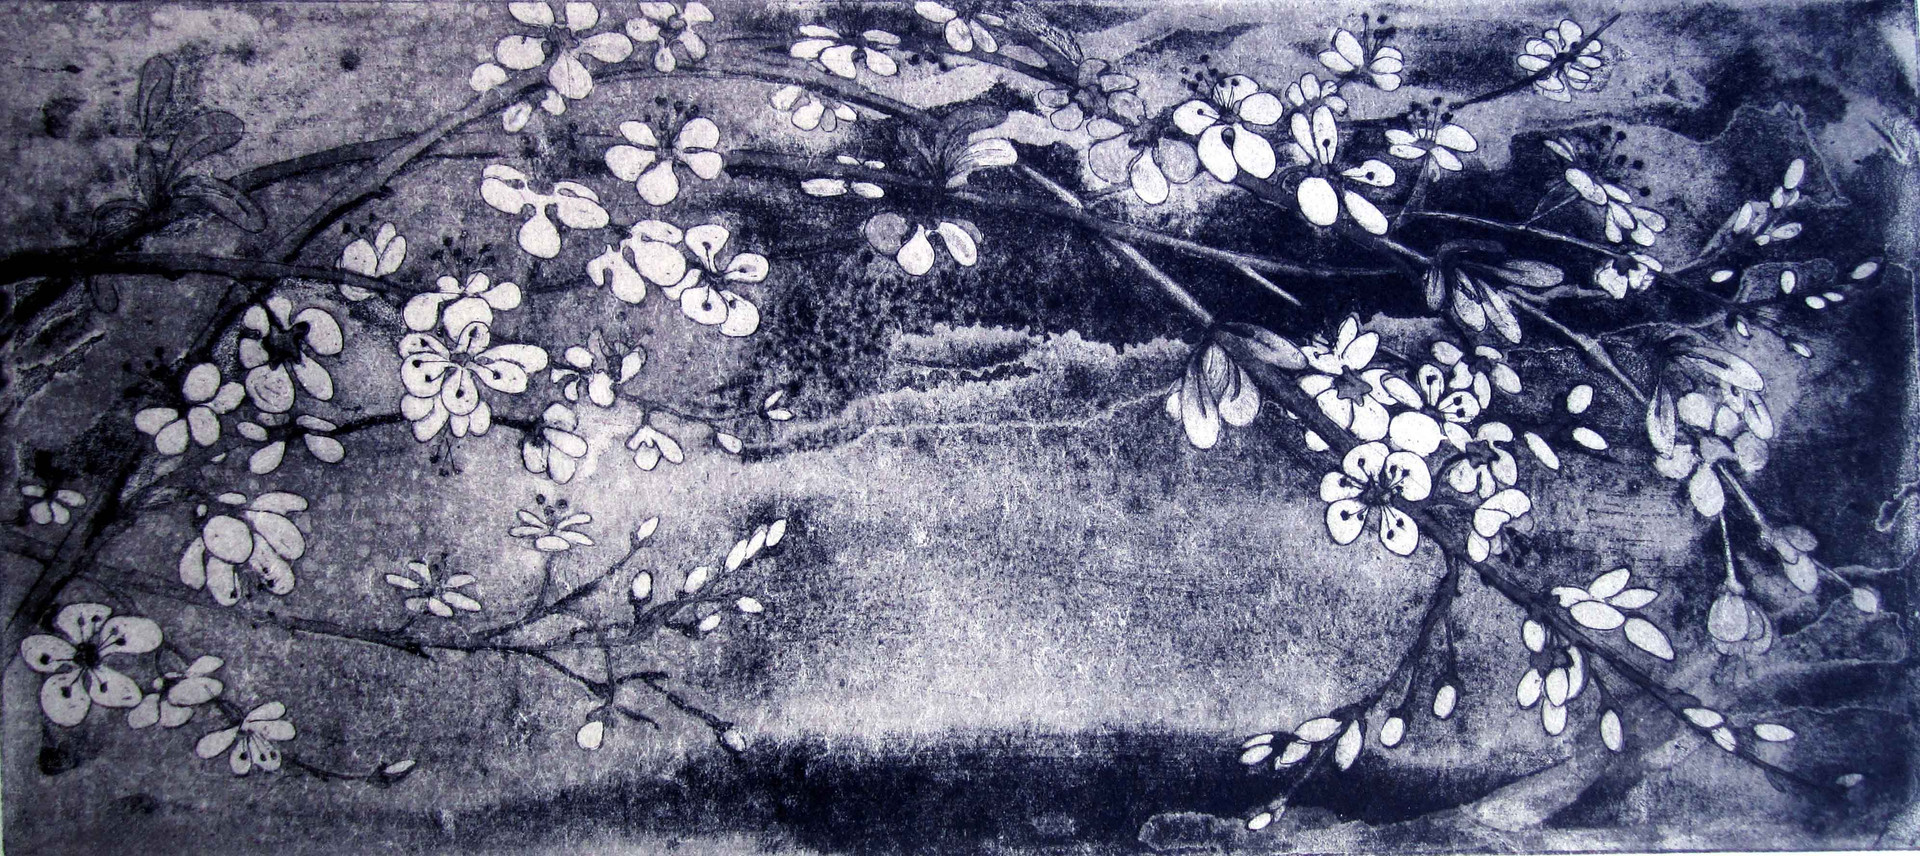 'Spring Blossoms'